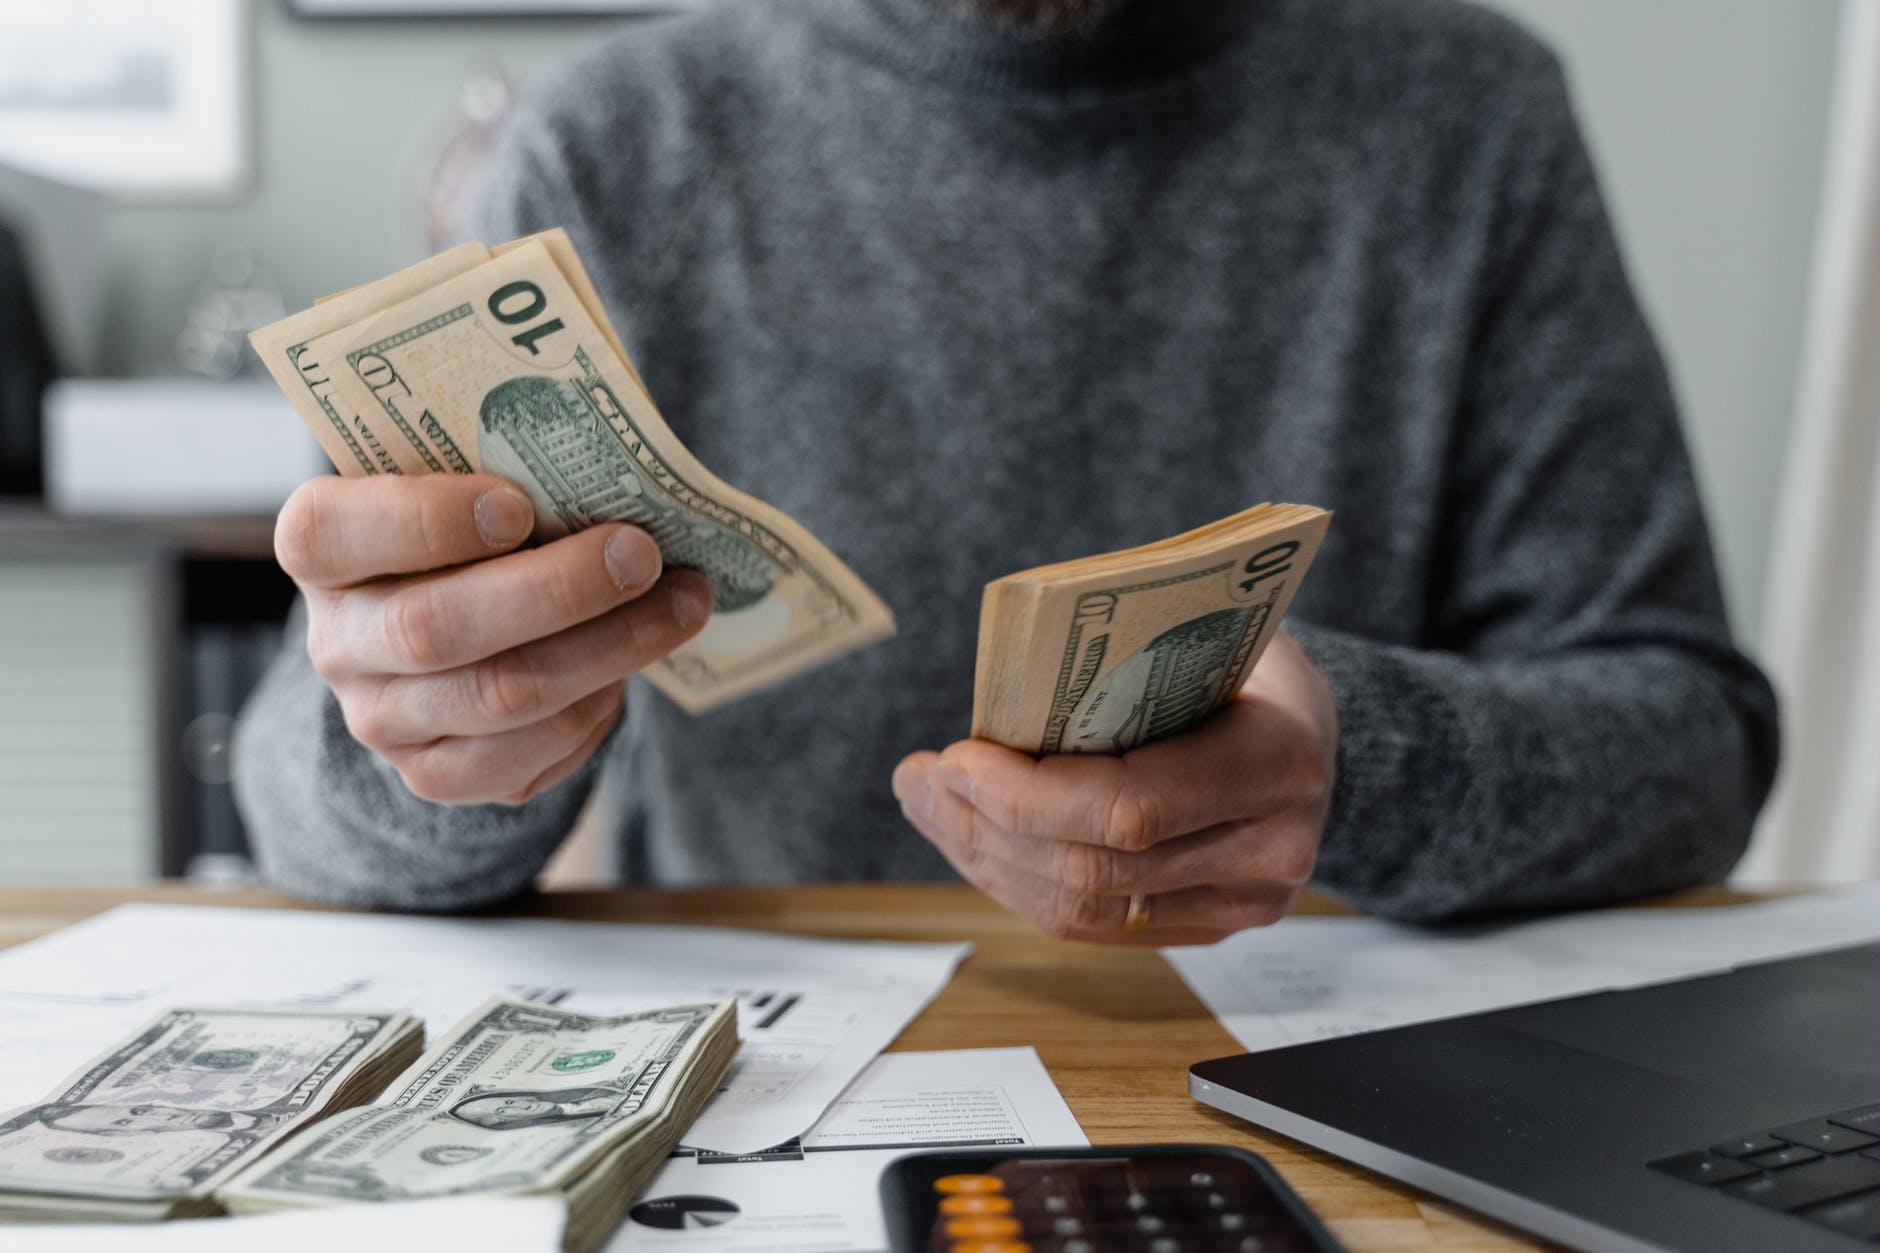 Seorang pria menghitung uang di belakang meja